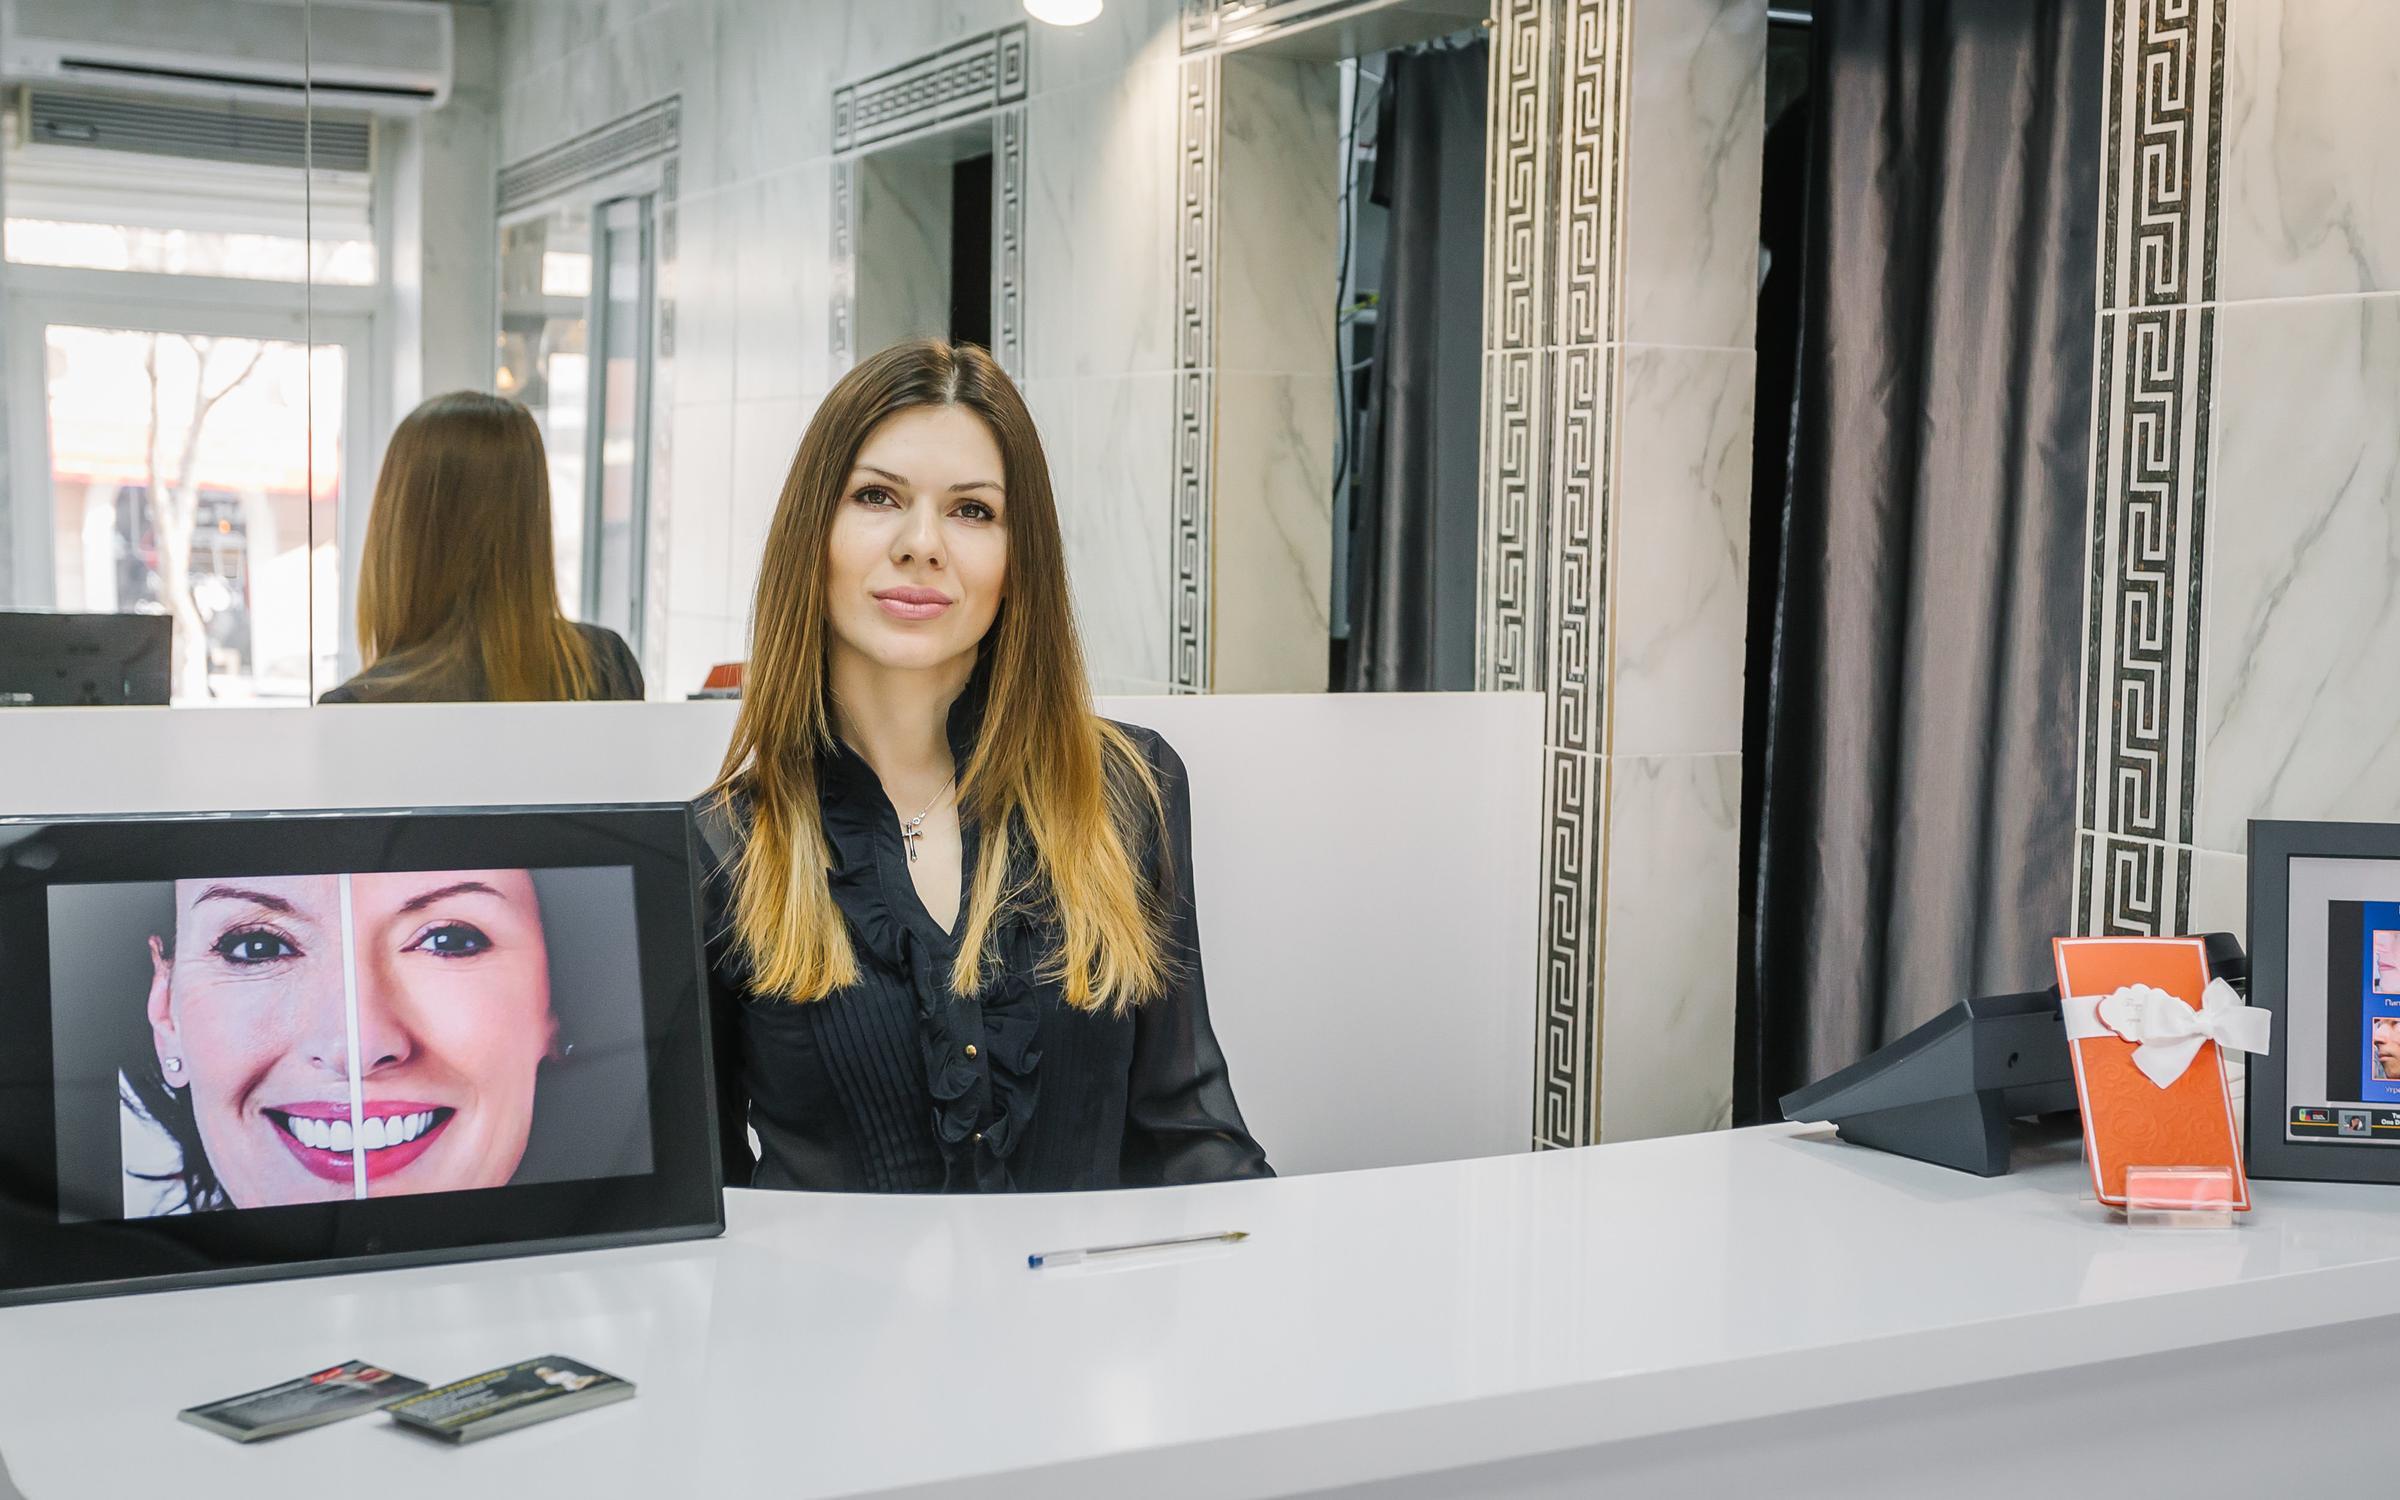 Москва поликлиника 90 как вызвать врача на дом